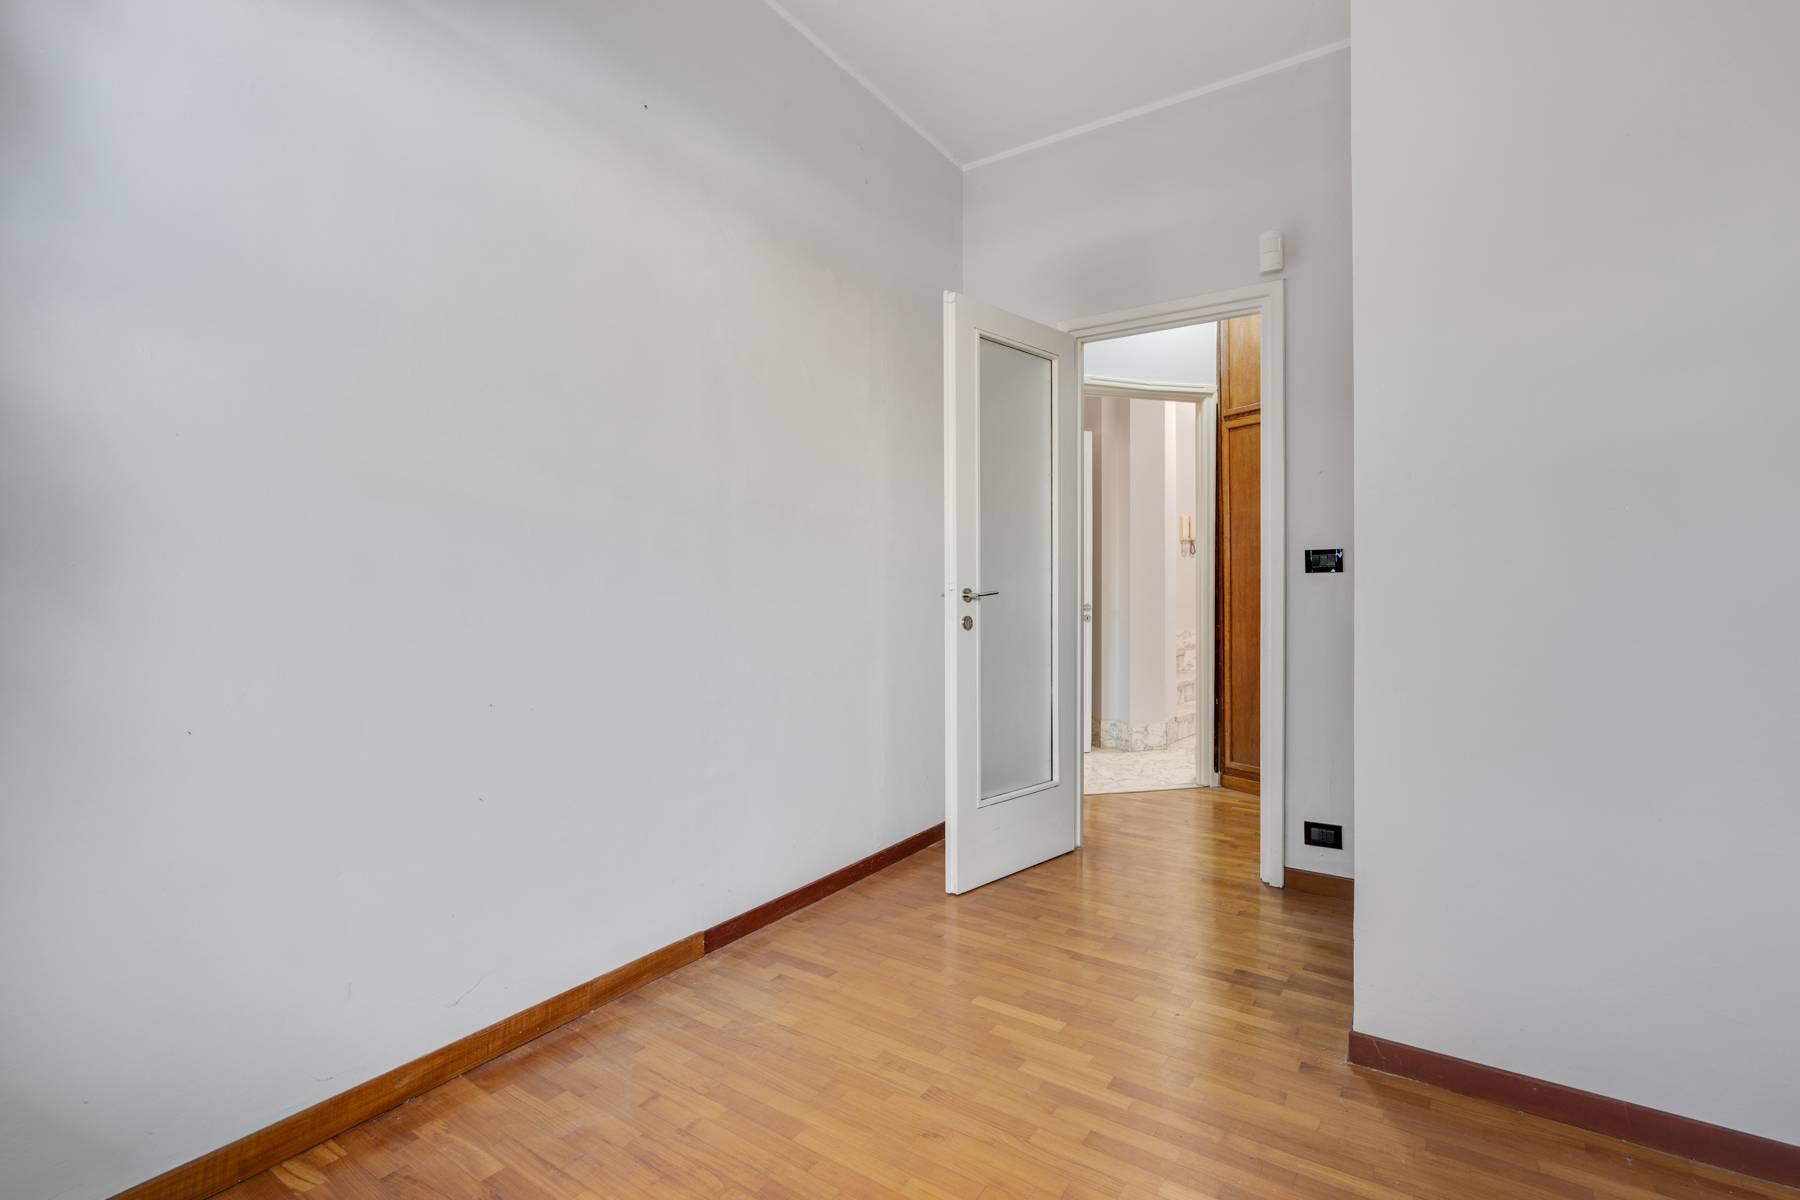 Appartamento in Vendita a Torino: 3 locali, 88 mq - Foto 15